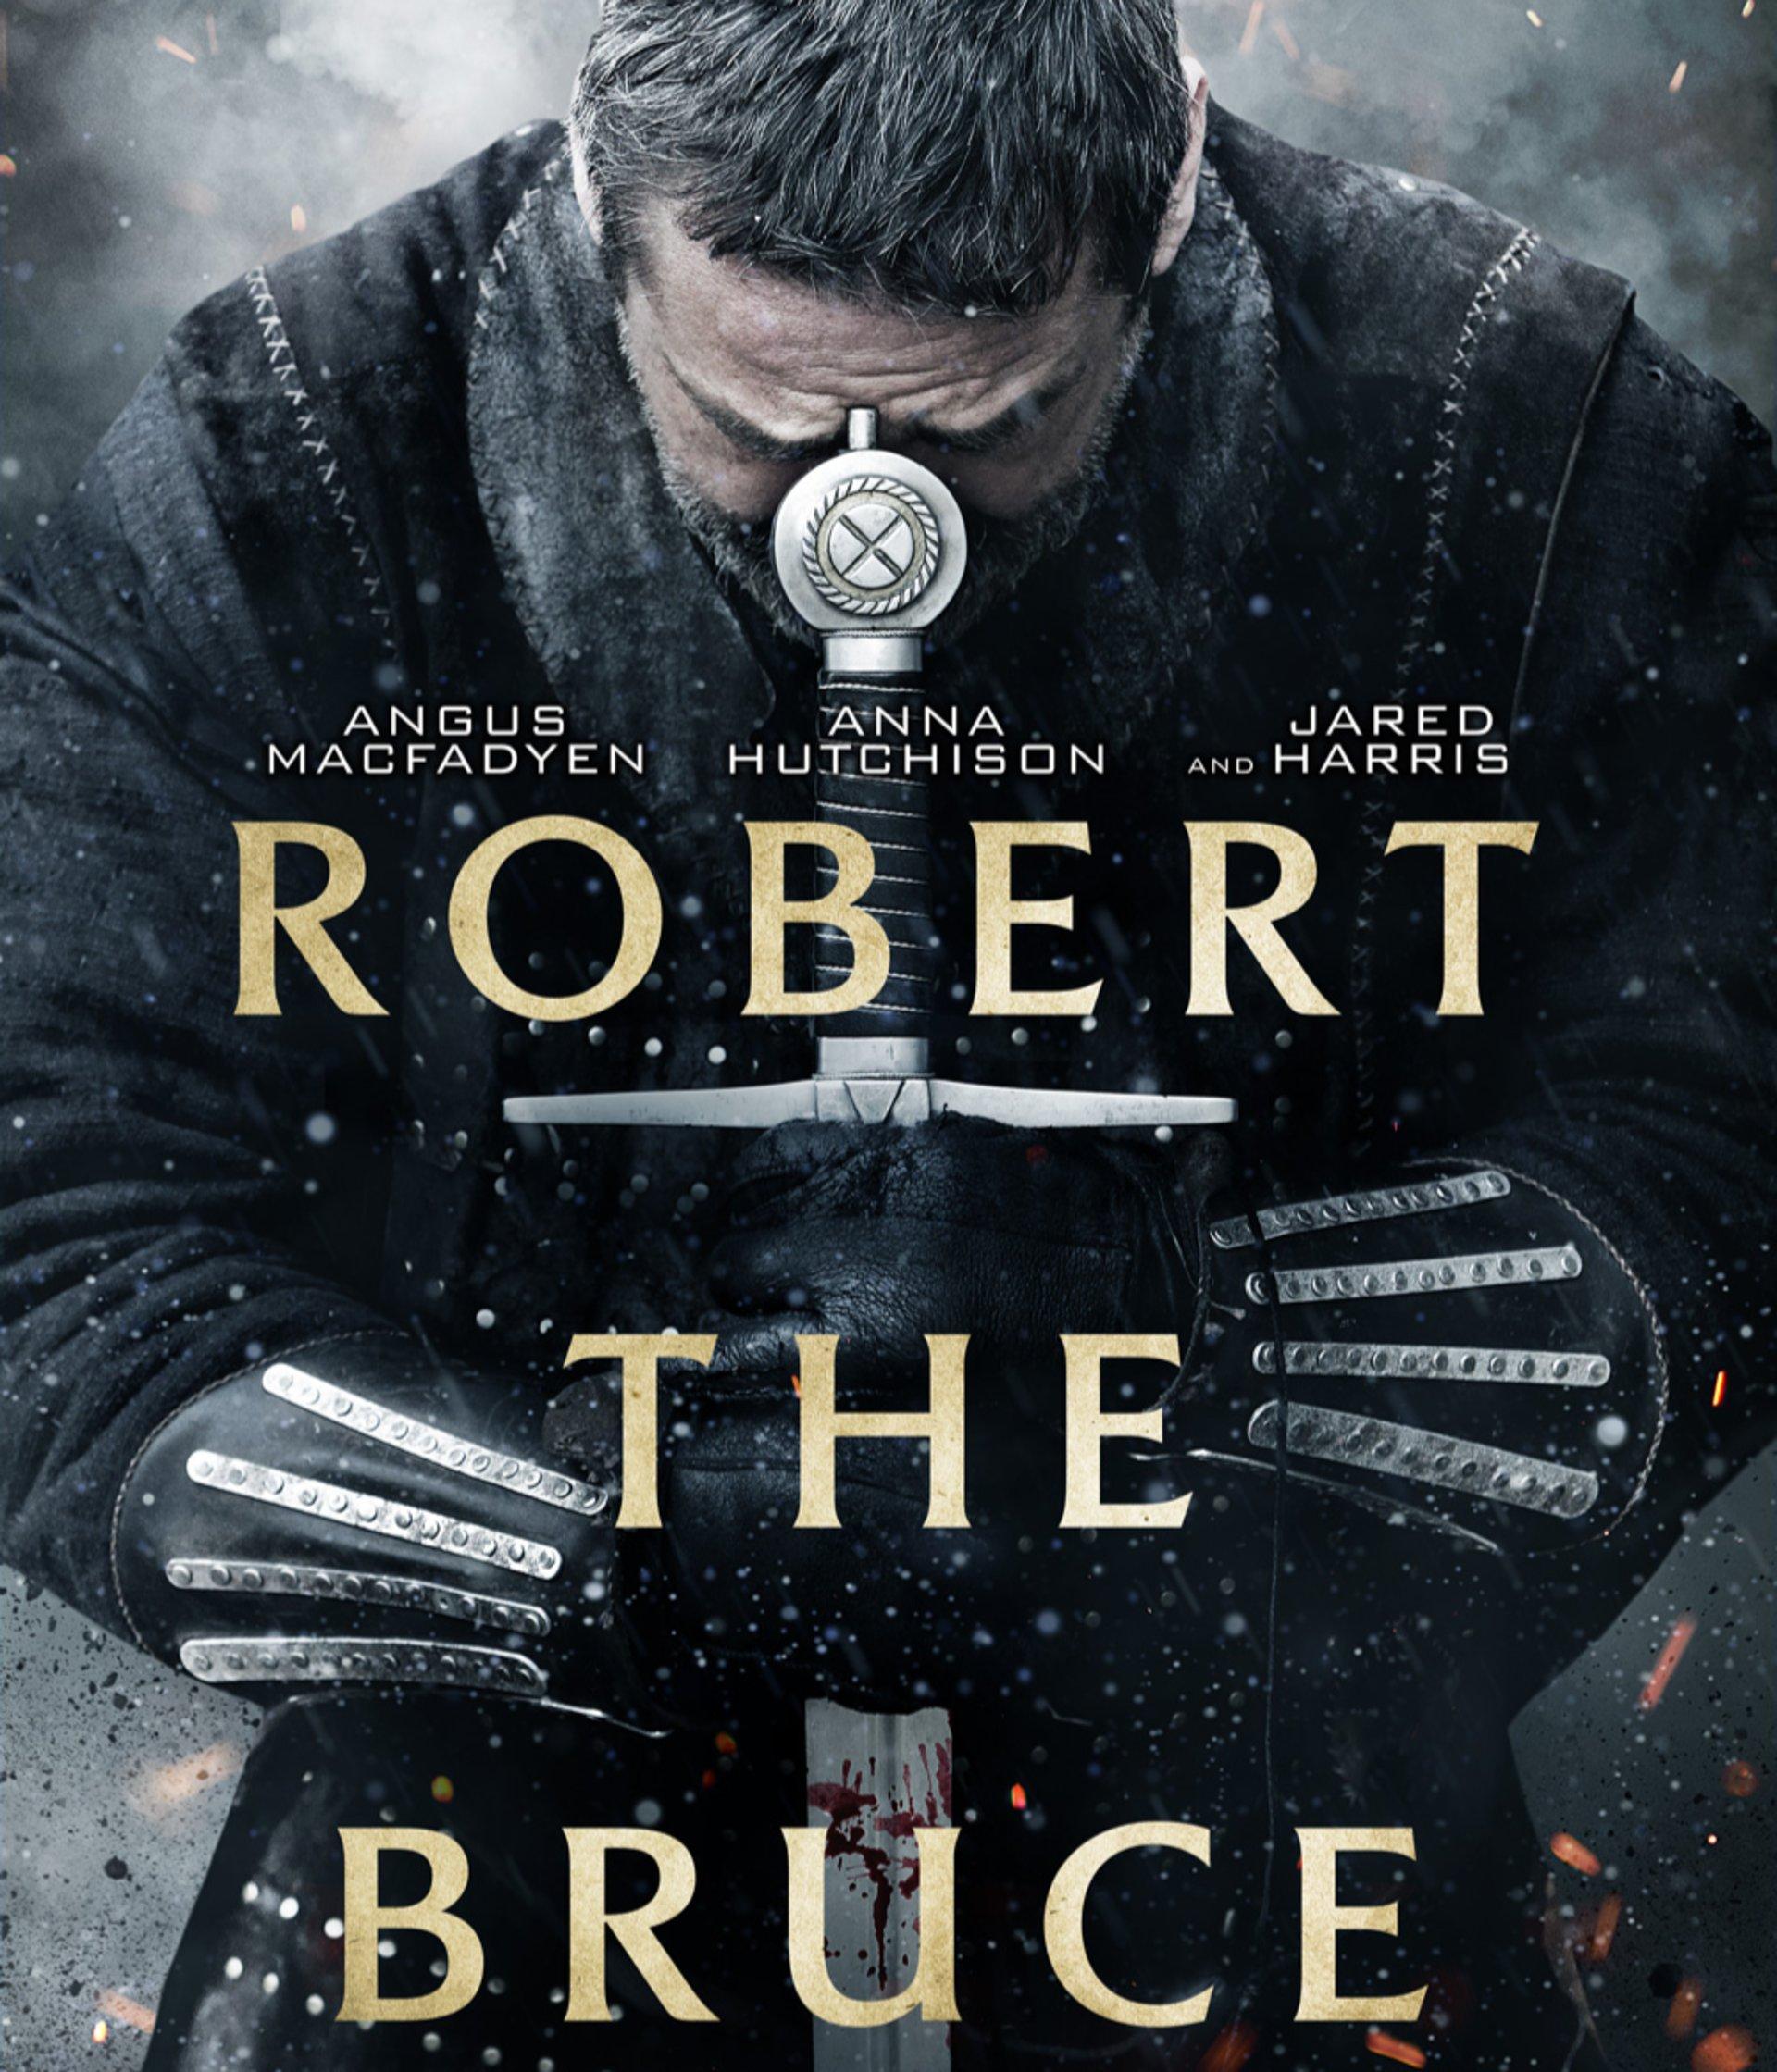 Nonton Film Robert the Bruce (2019) Full Movie Sub Indo   Nonton Film Streaming Movie Dunia21 ...